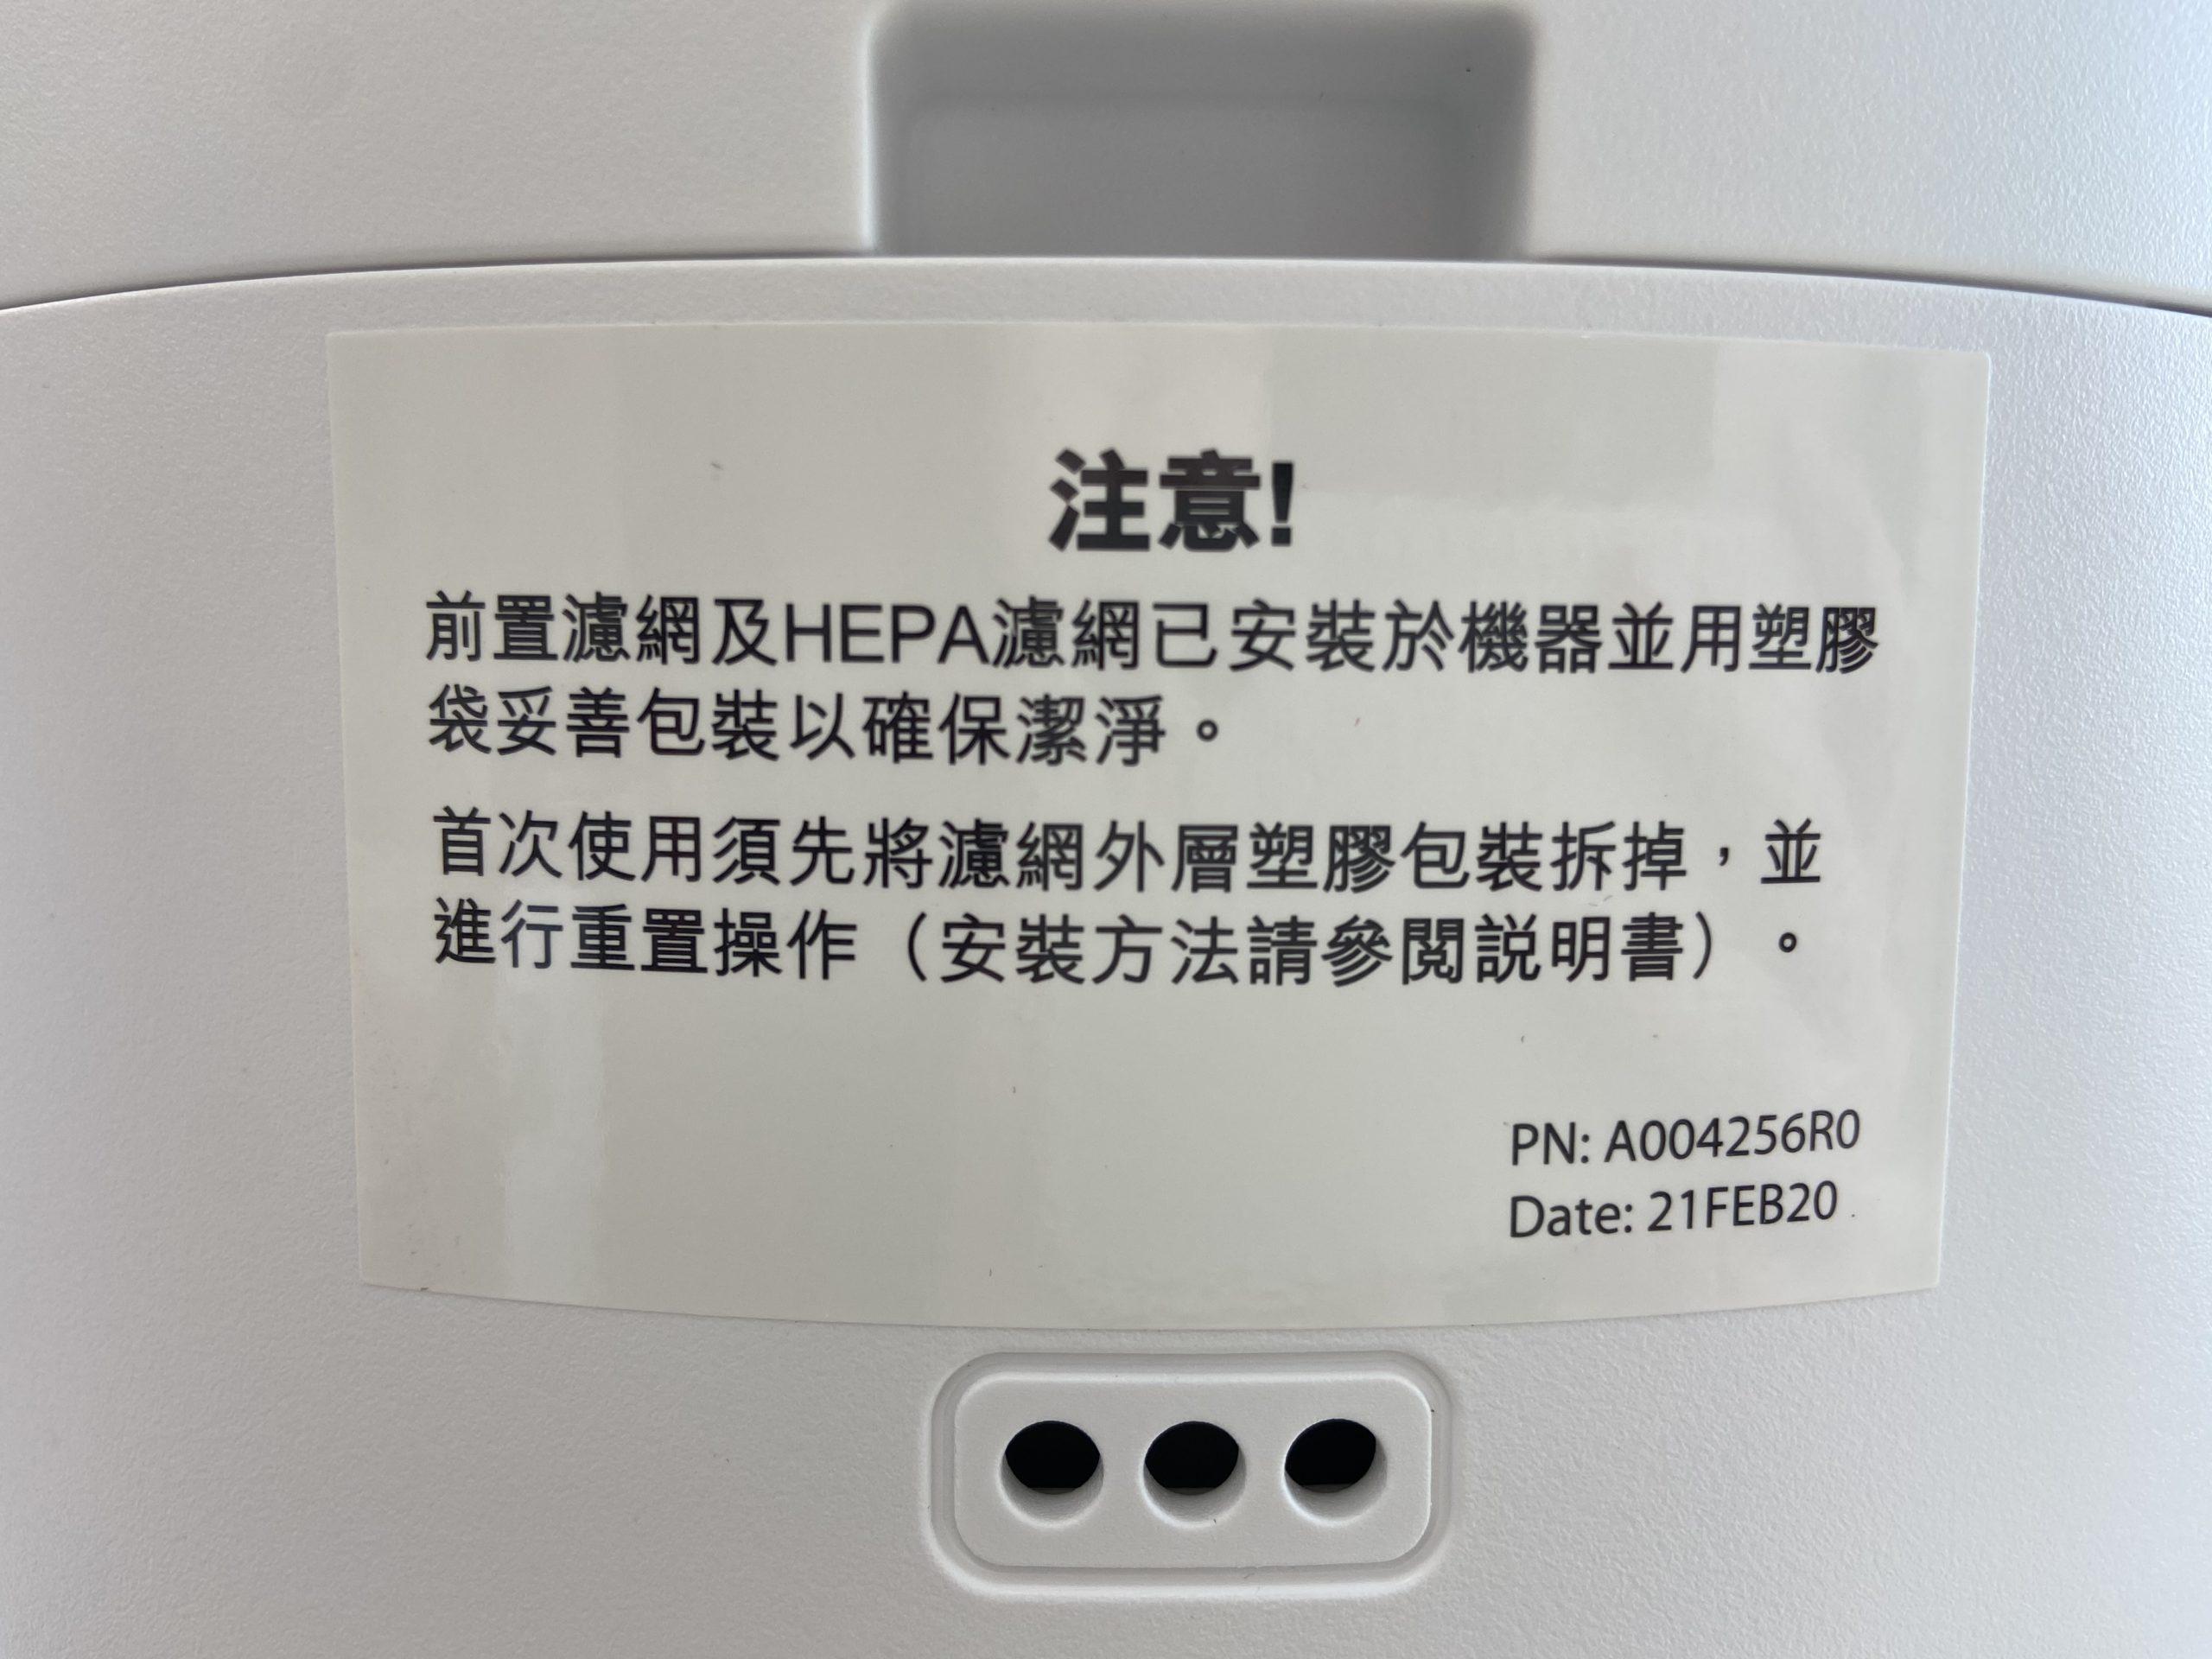 Honeywell HPA 830 淨香氛空氣清淨機 網格罩 注意事項